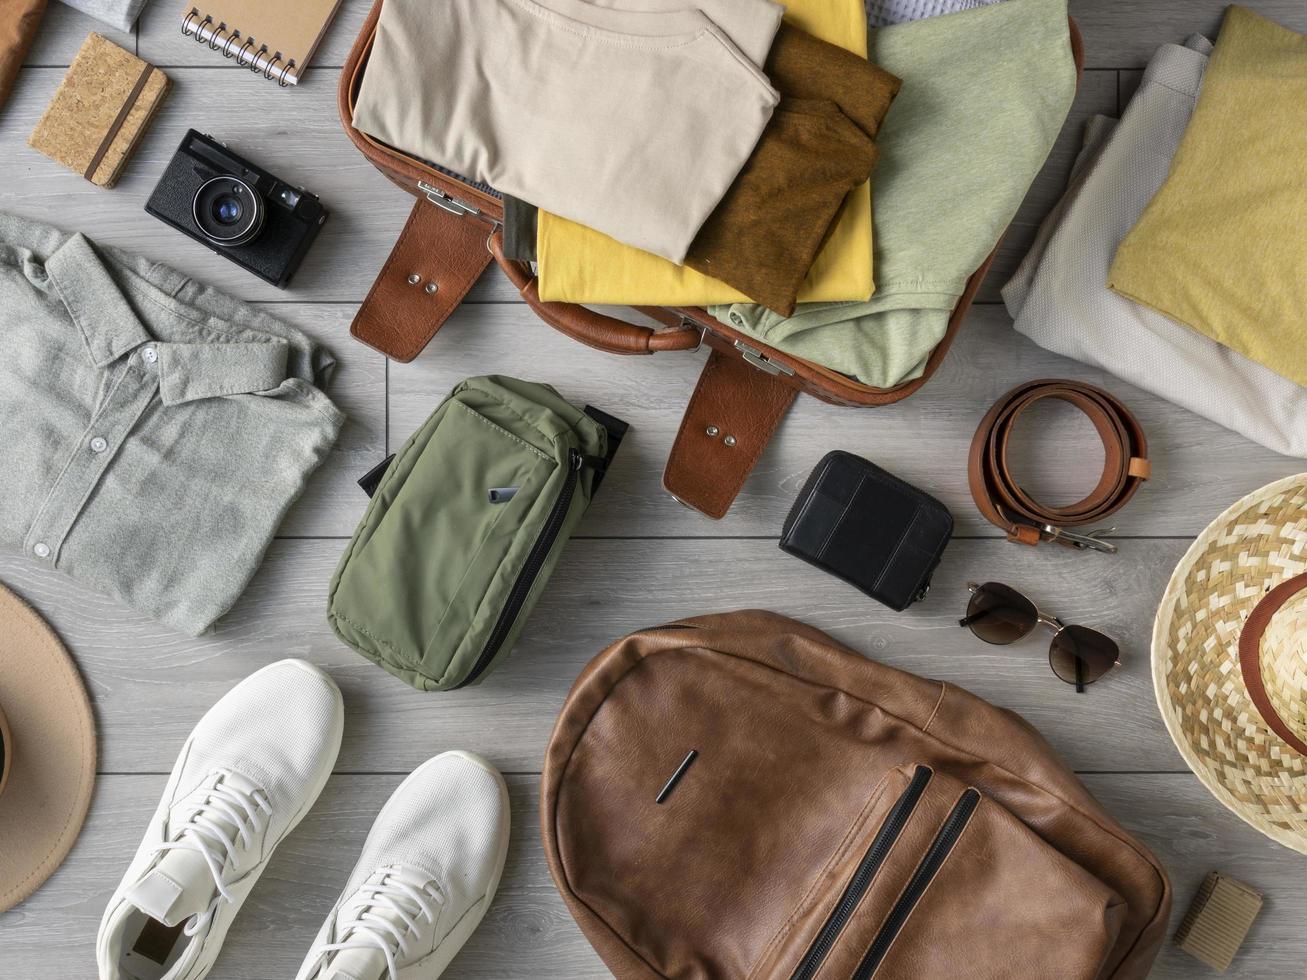 la composición ropa accesorios maleta foto